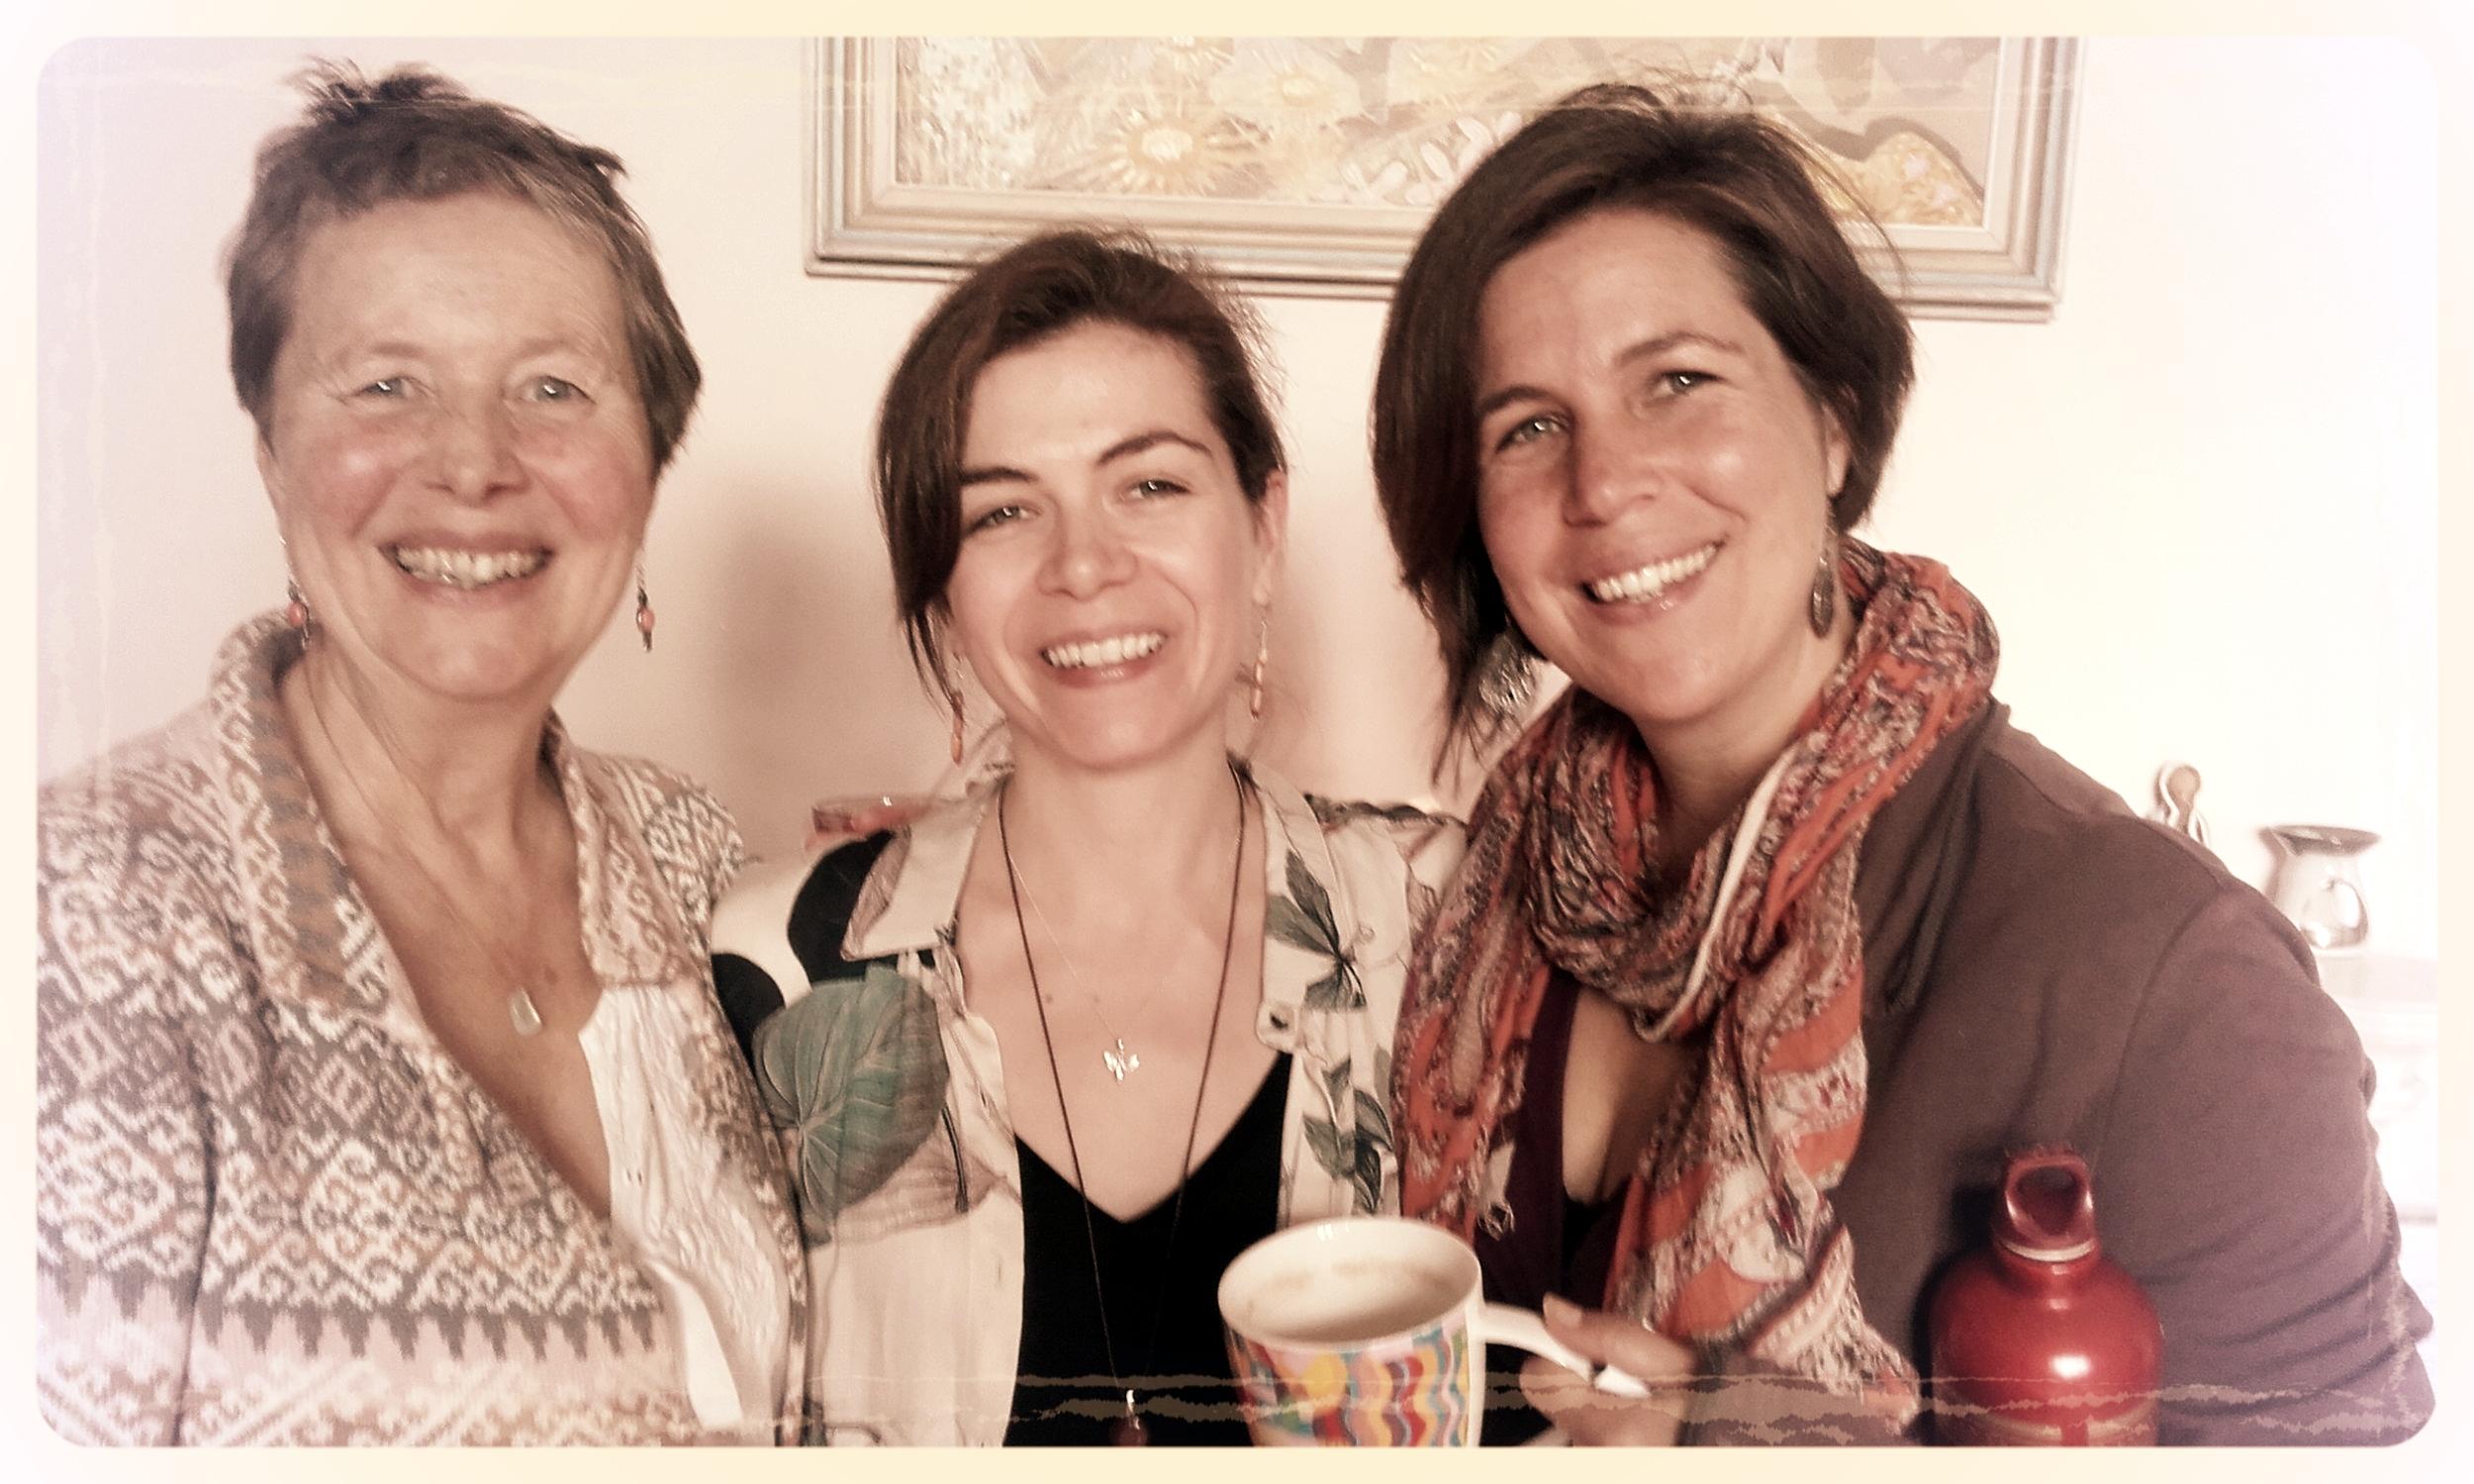 Alexandra Pope, Lisa de Jong and Sjanie Hugo Wurlitzer at the Women's Quest Apprenticeship, Stroud, 2017